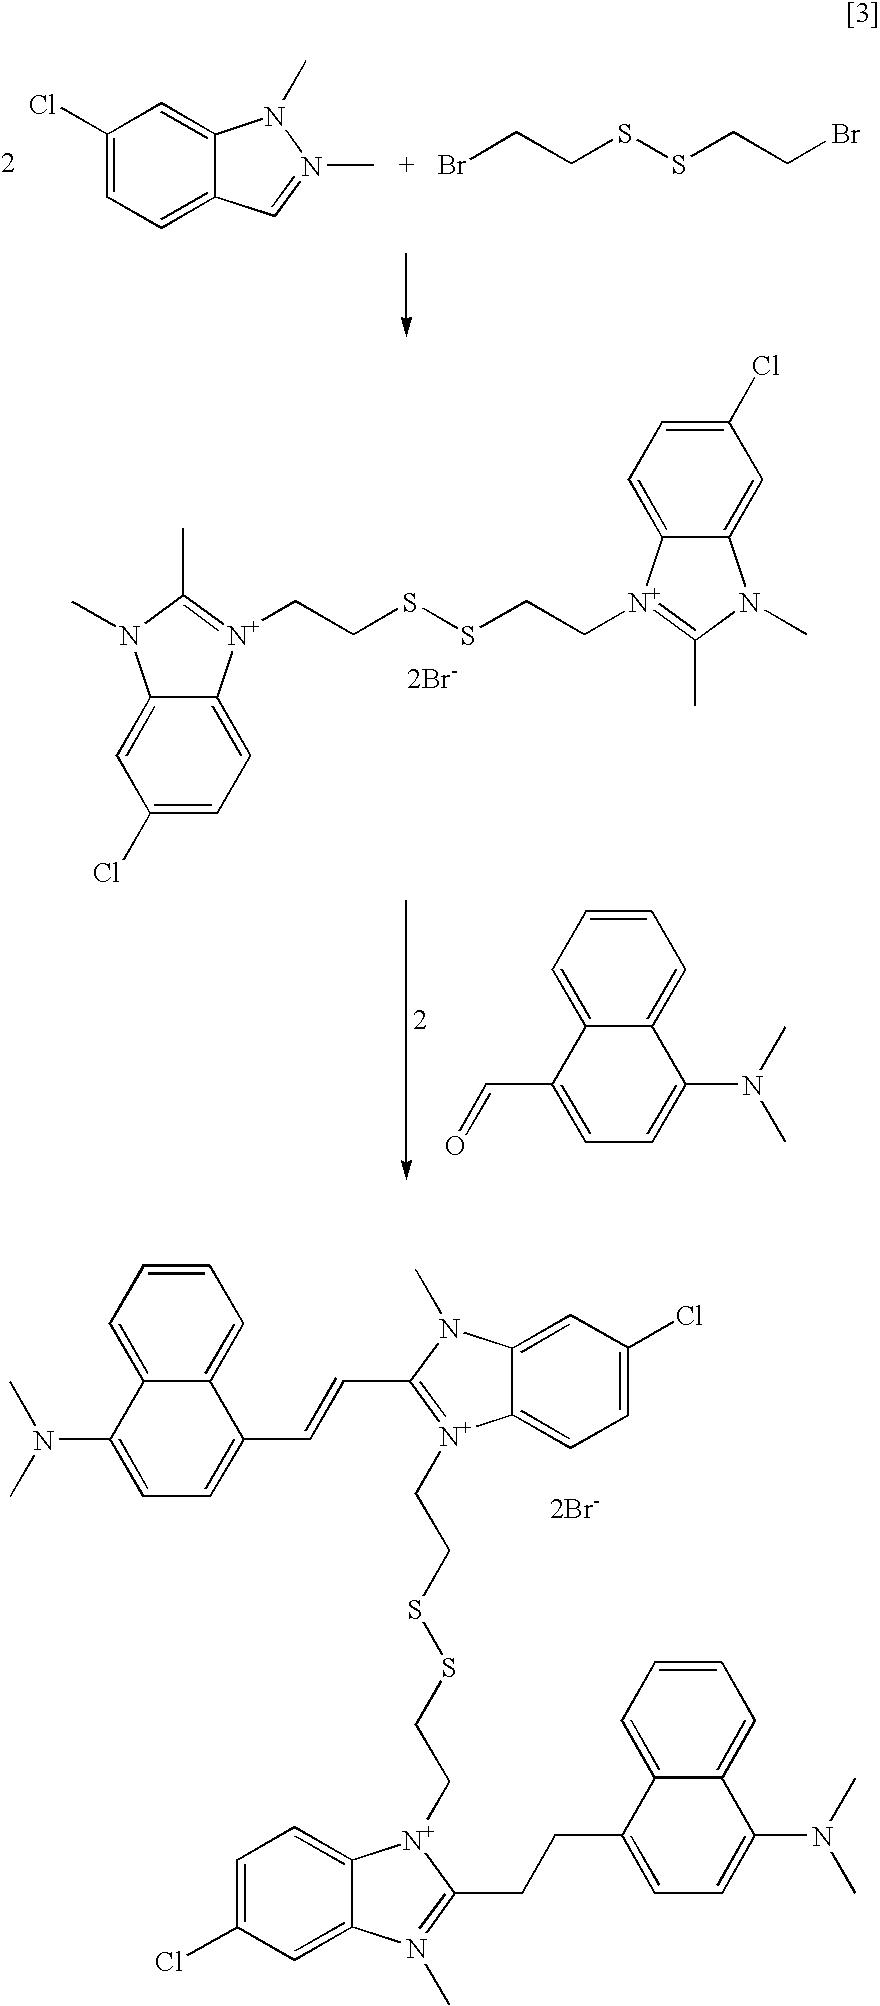 Figure US20090211038A1-20090827-C00039